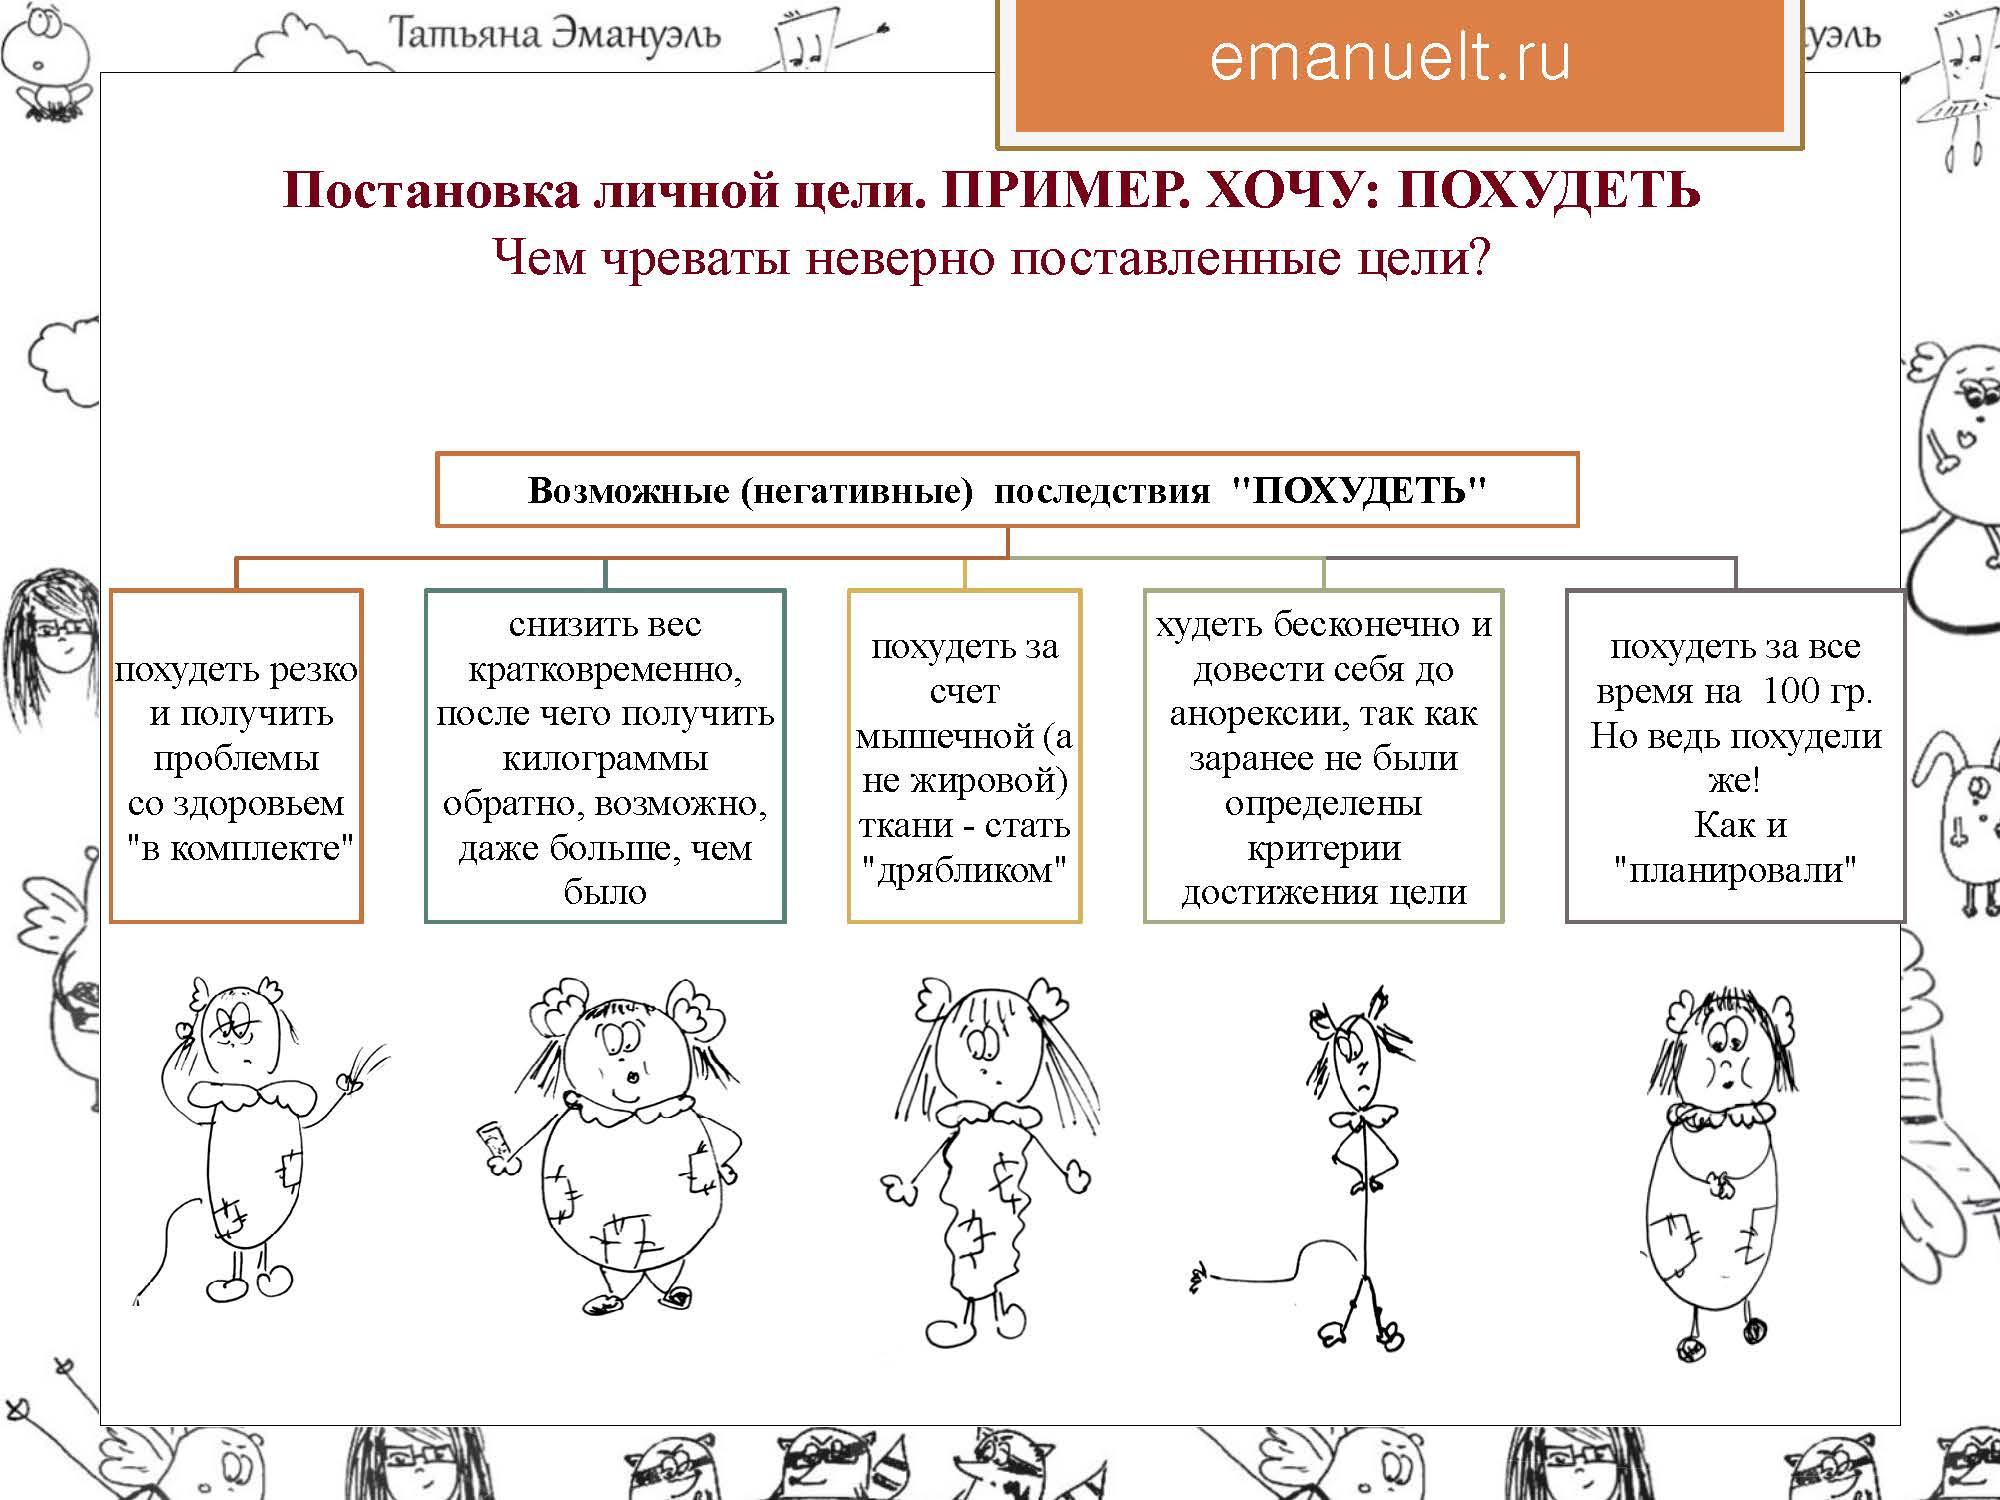 проектный эмануэль_Страница_41